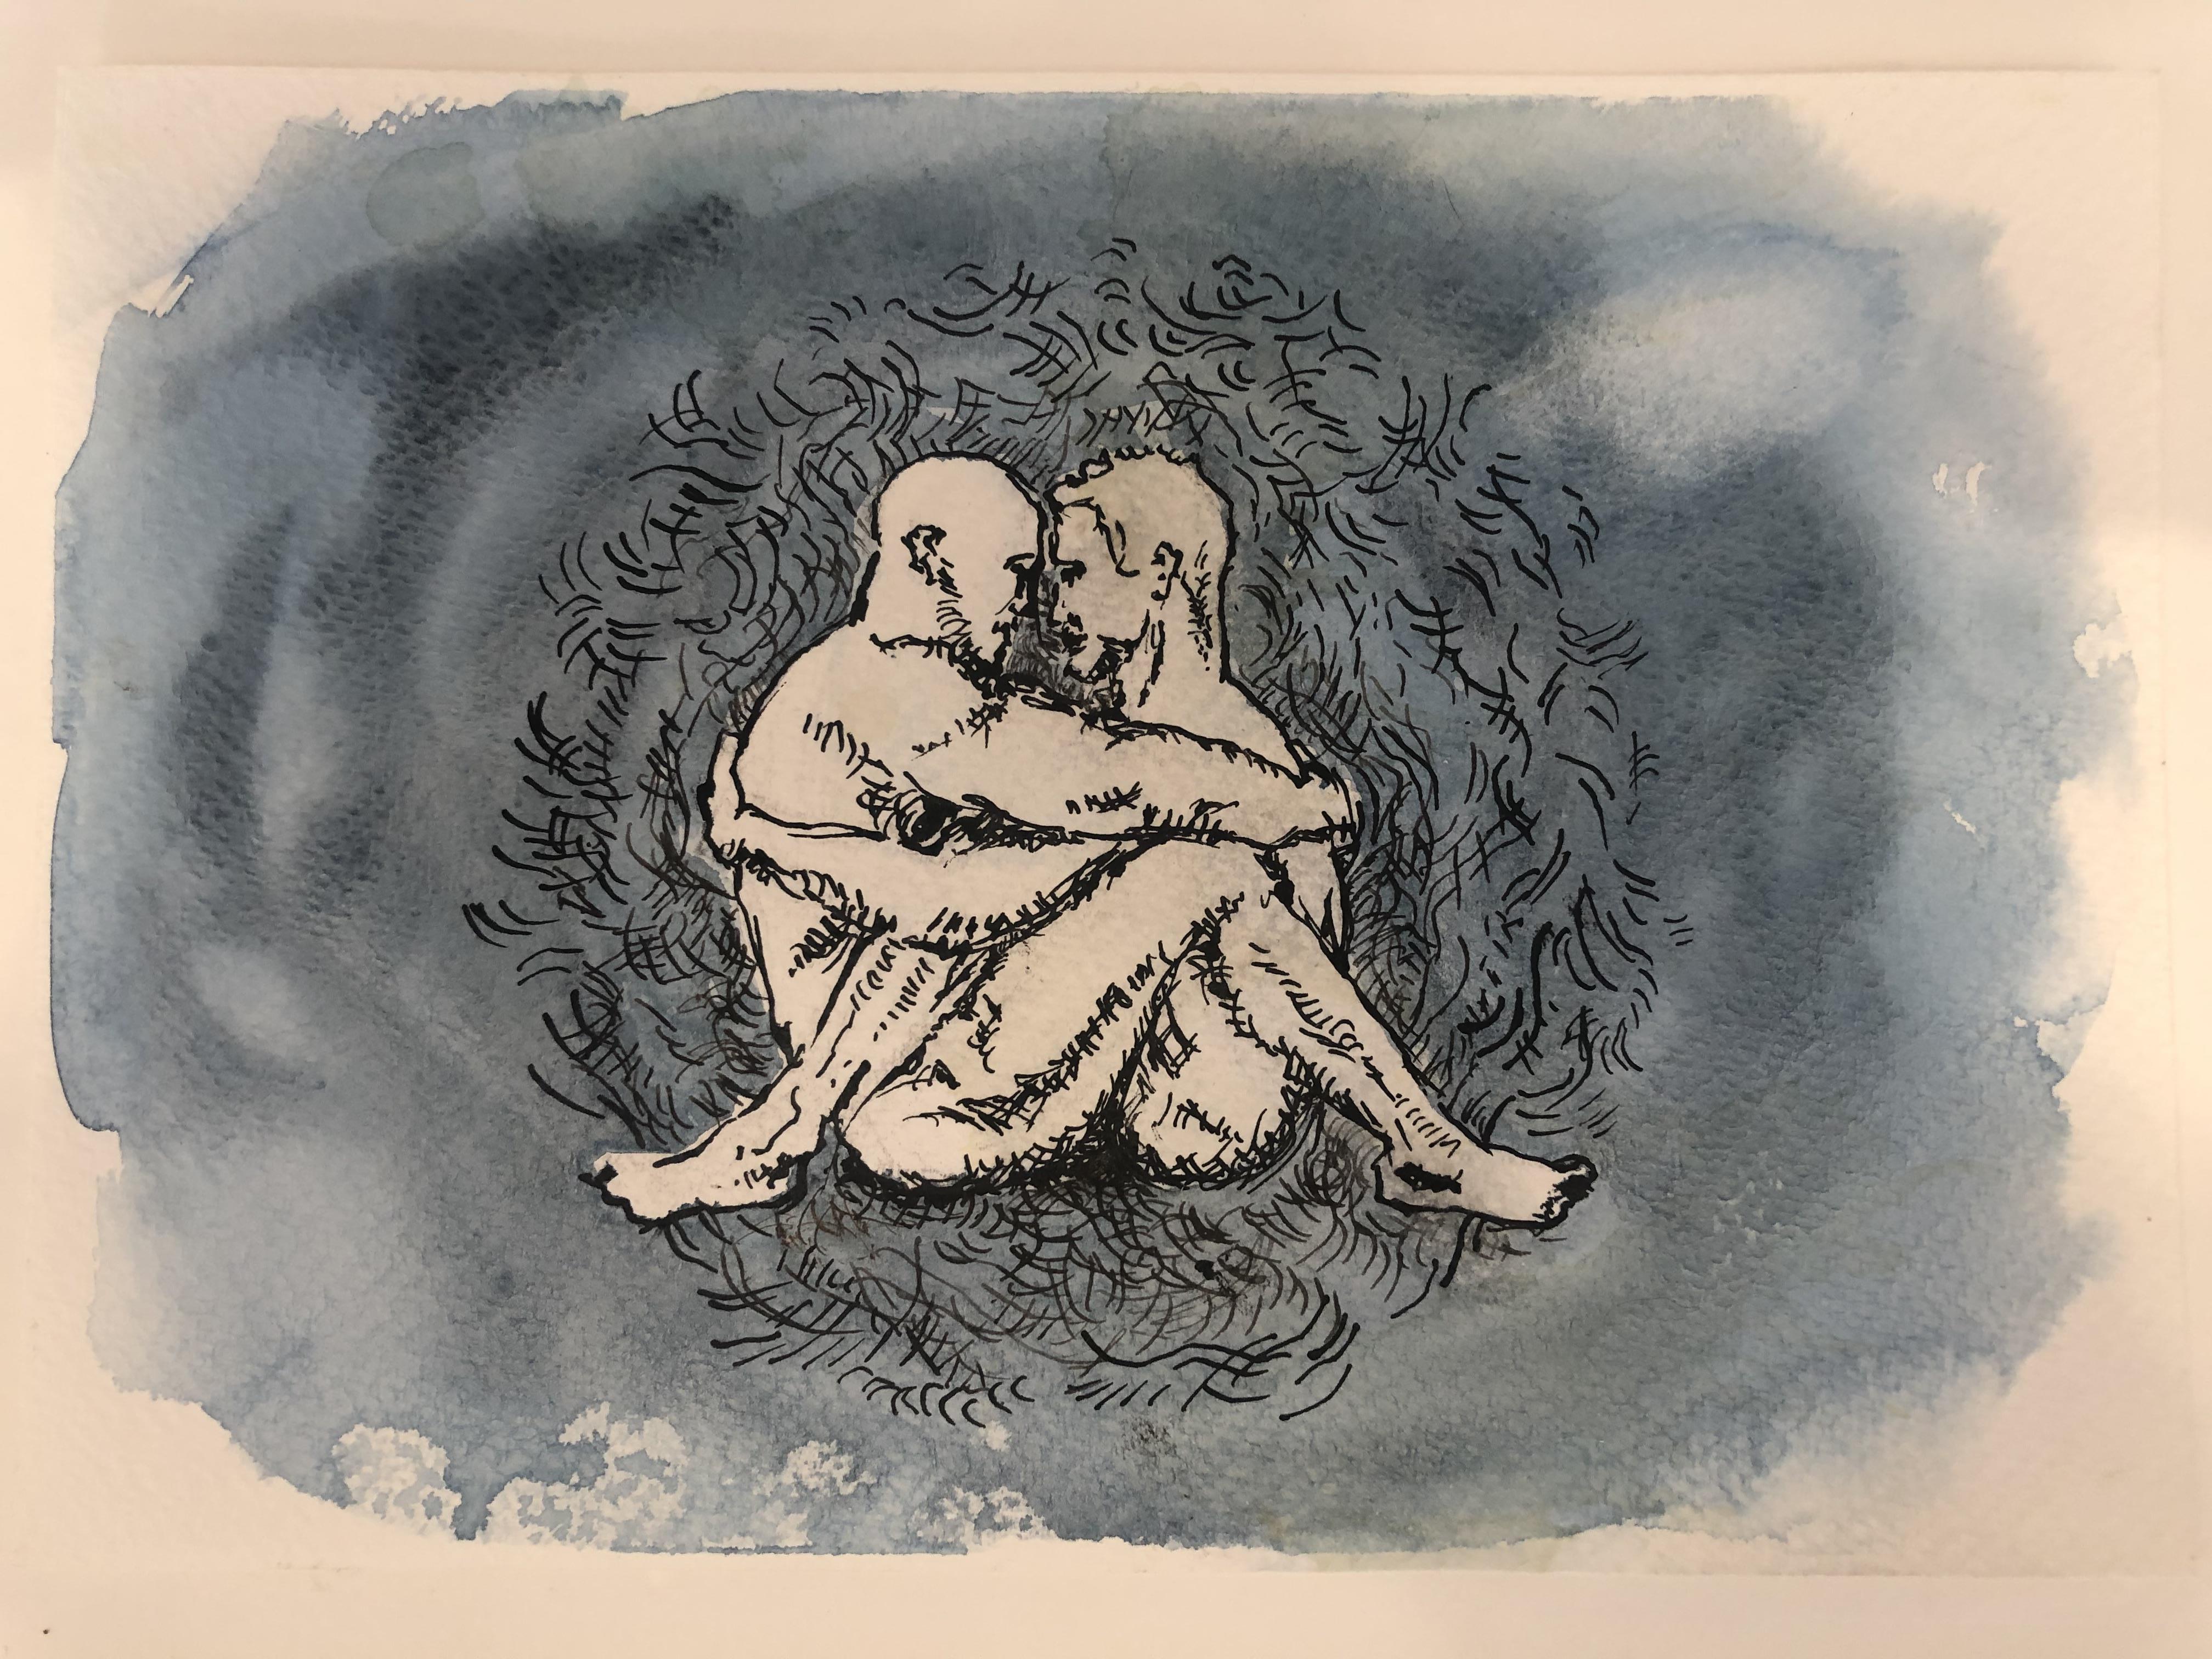 Lot 28 - Original artwork, L'Armour Bleu.